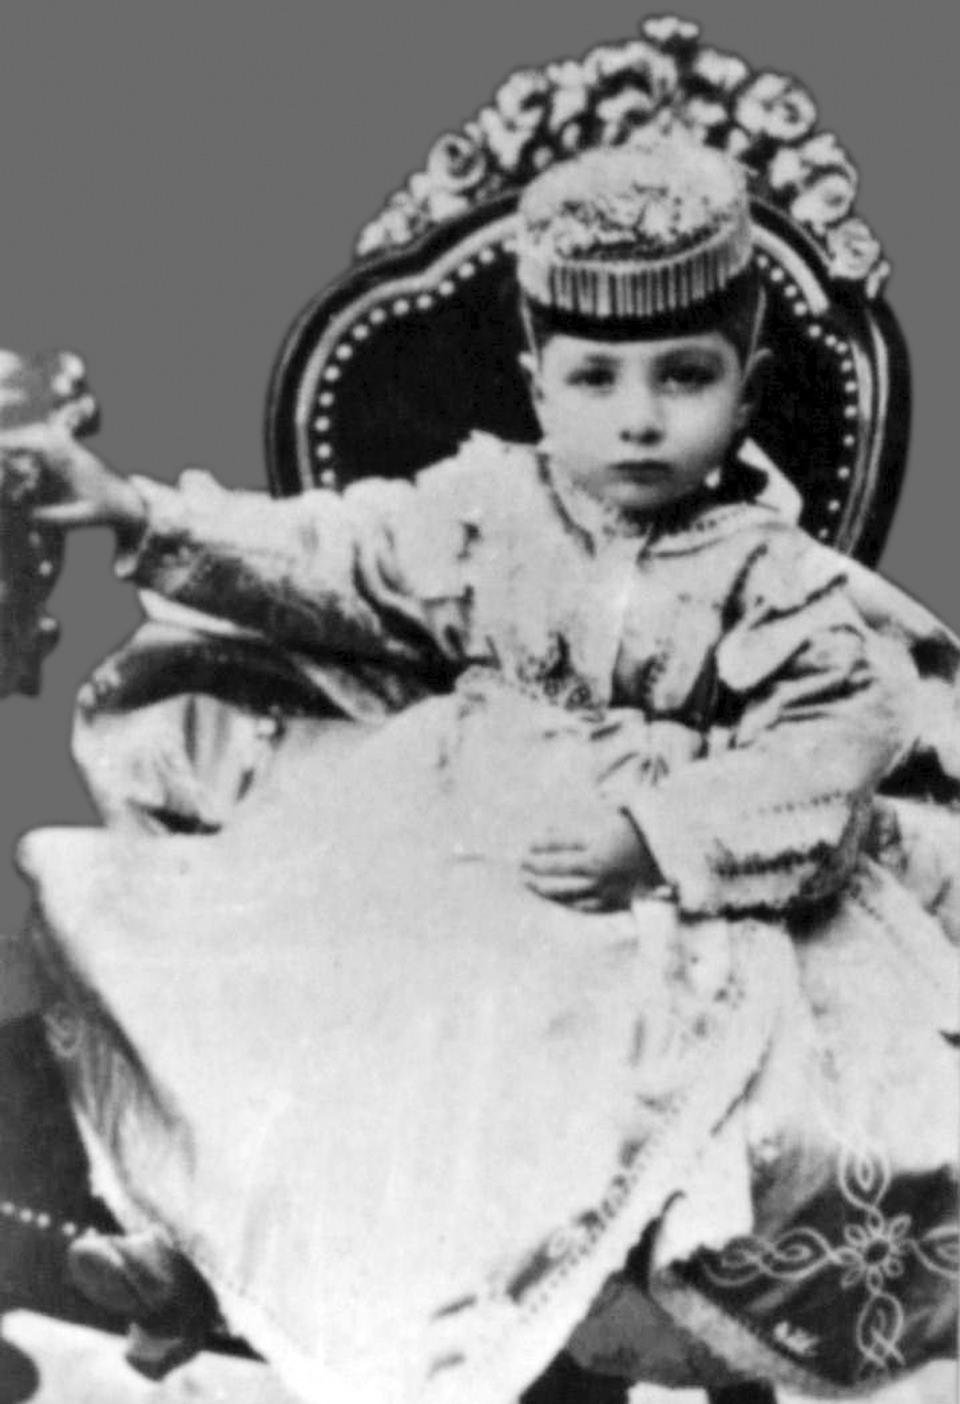 Sultan 2. Abdülhamit'in görmediğiniz aile albümü 12